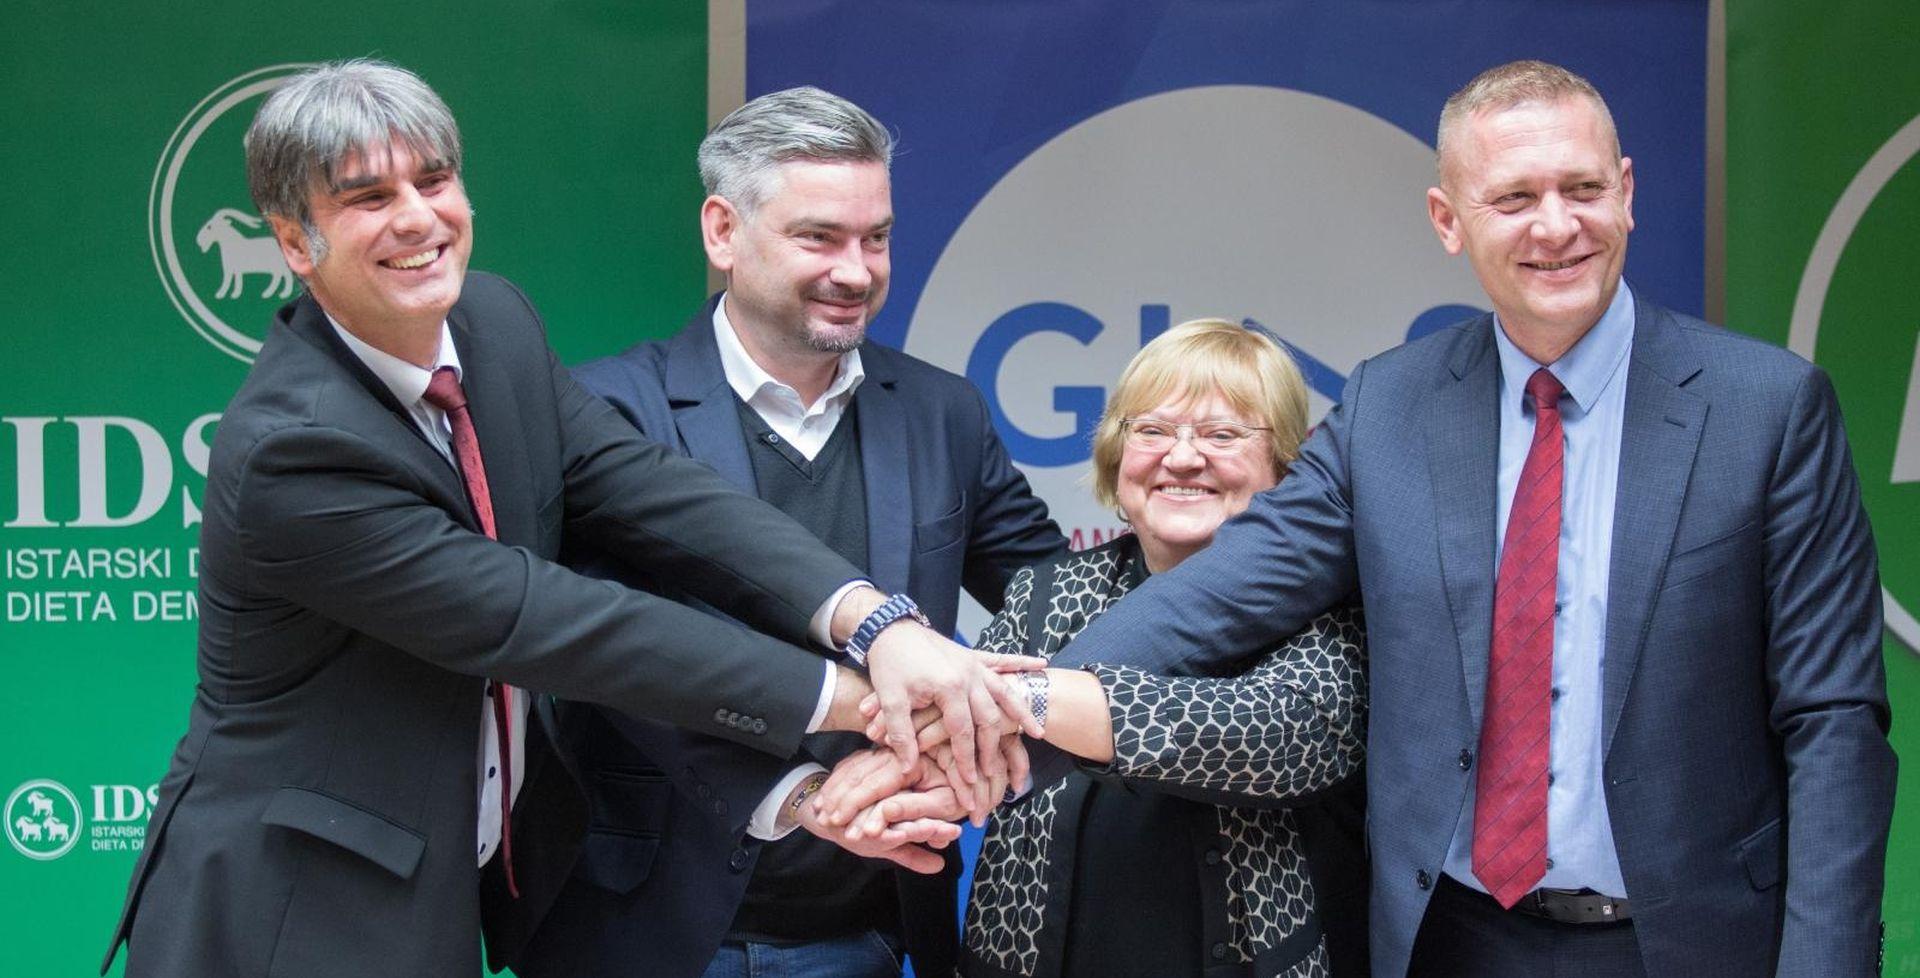 PGS pristupio Amsterdamskoj koaliciji